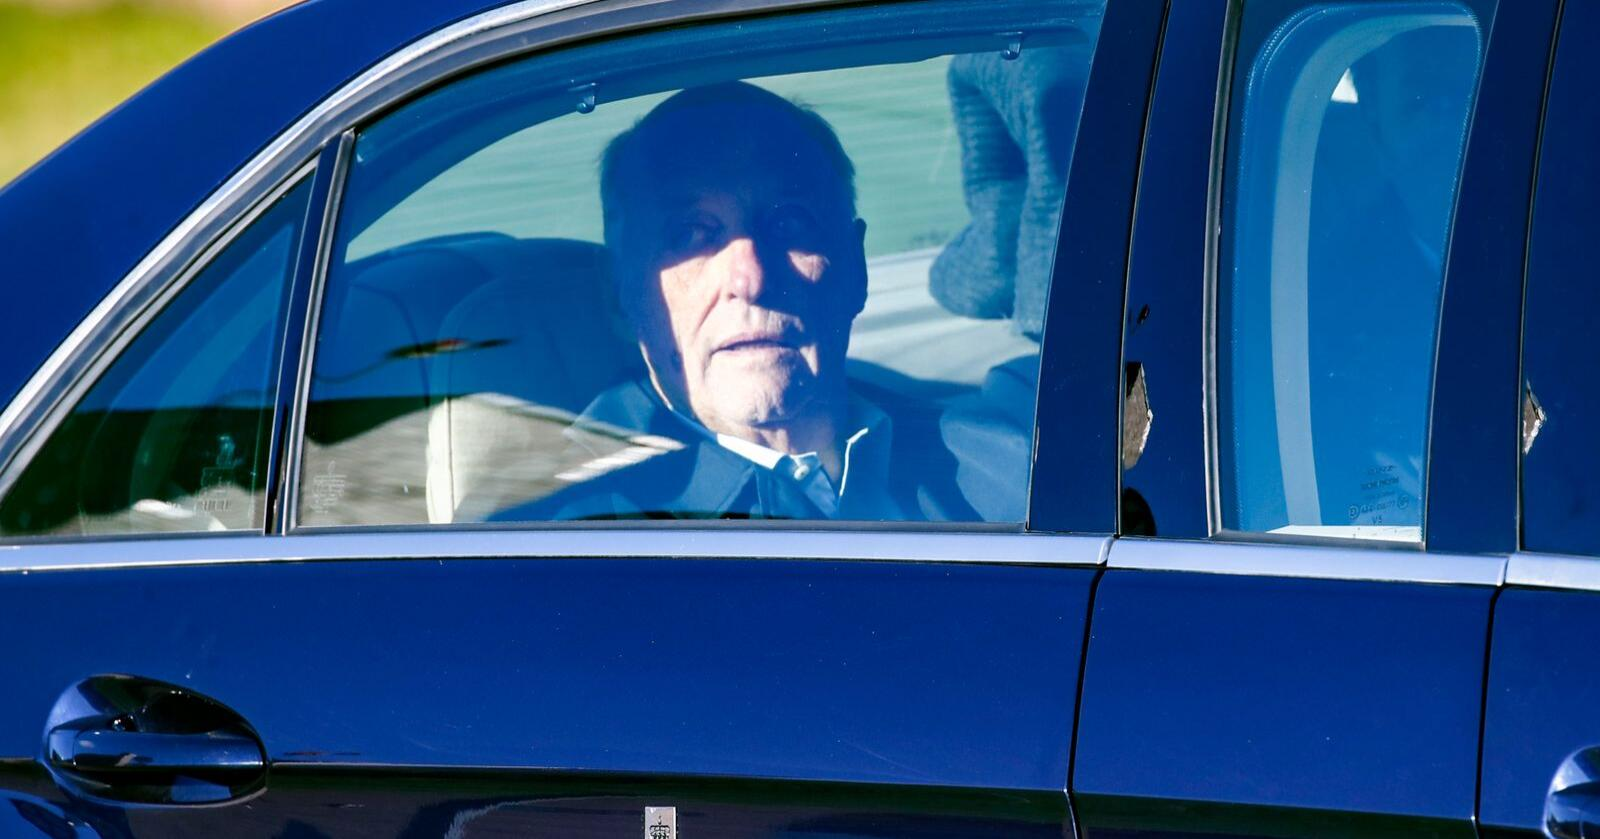 Mandag forlot Kong Harald Rikshospitalet i bil etter å ha blitt utskrevet. Kongen gjennomgikk fredag en hjerteklaffoperasjon. Foto: Terje Pedersen / NTB